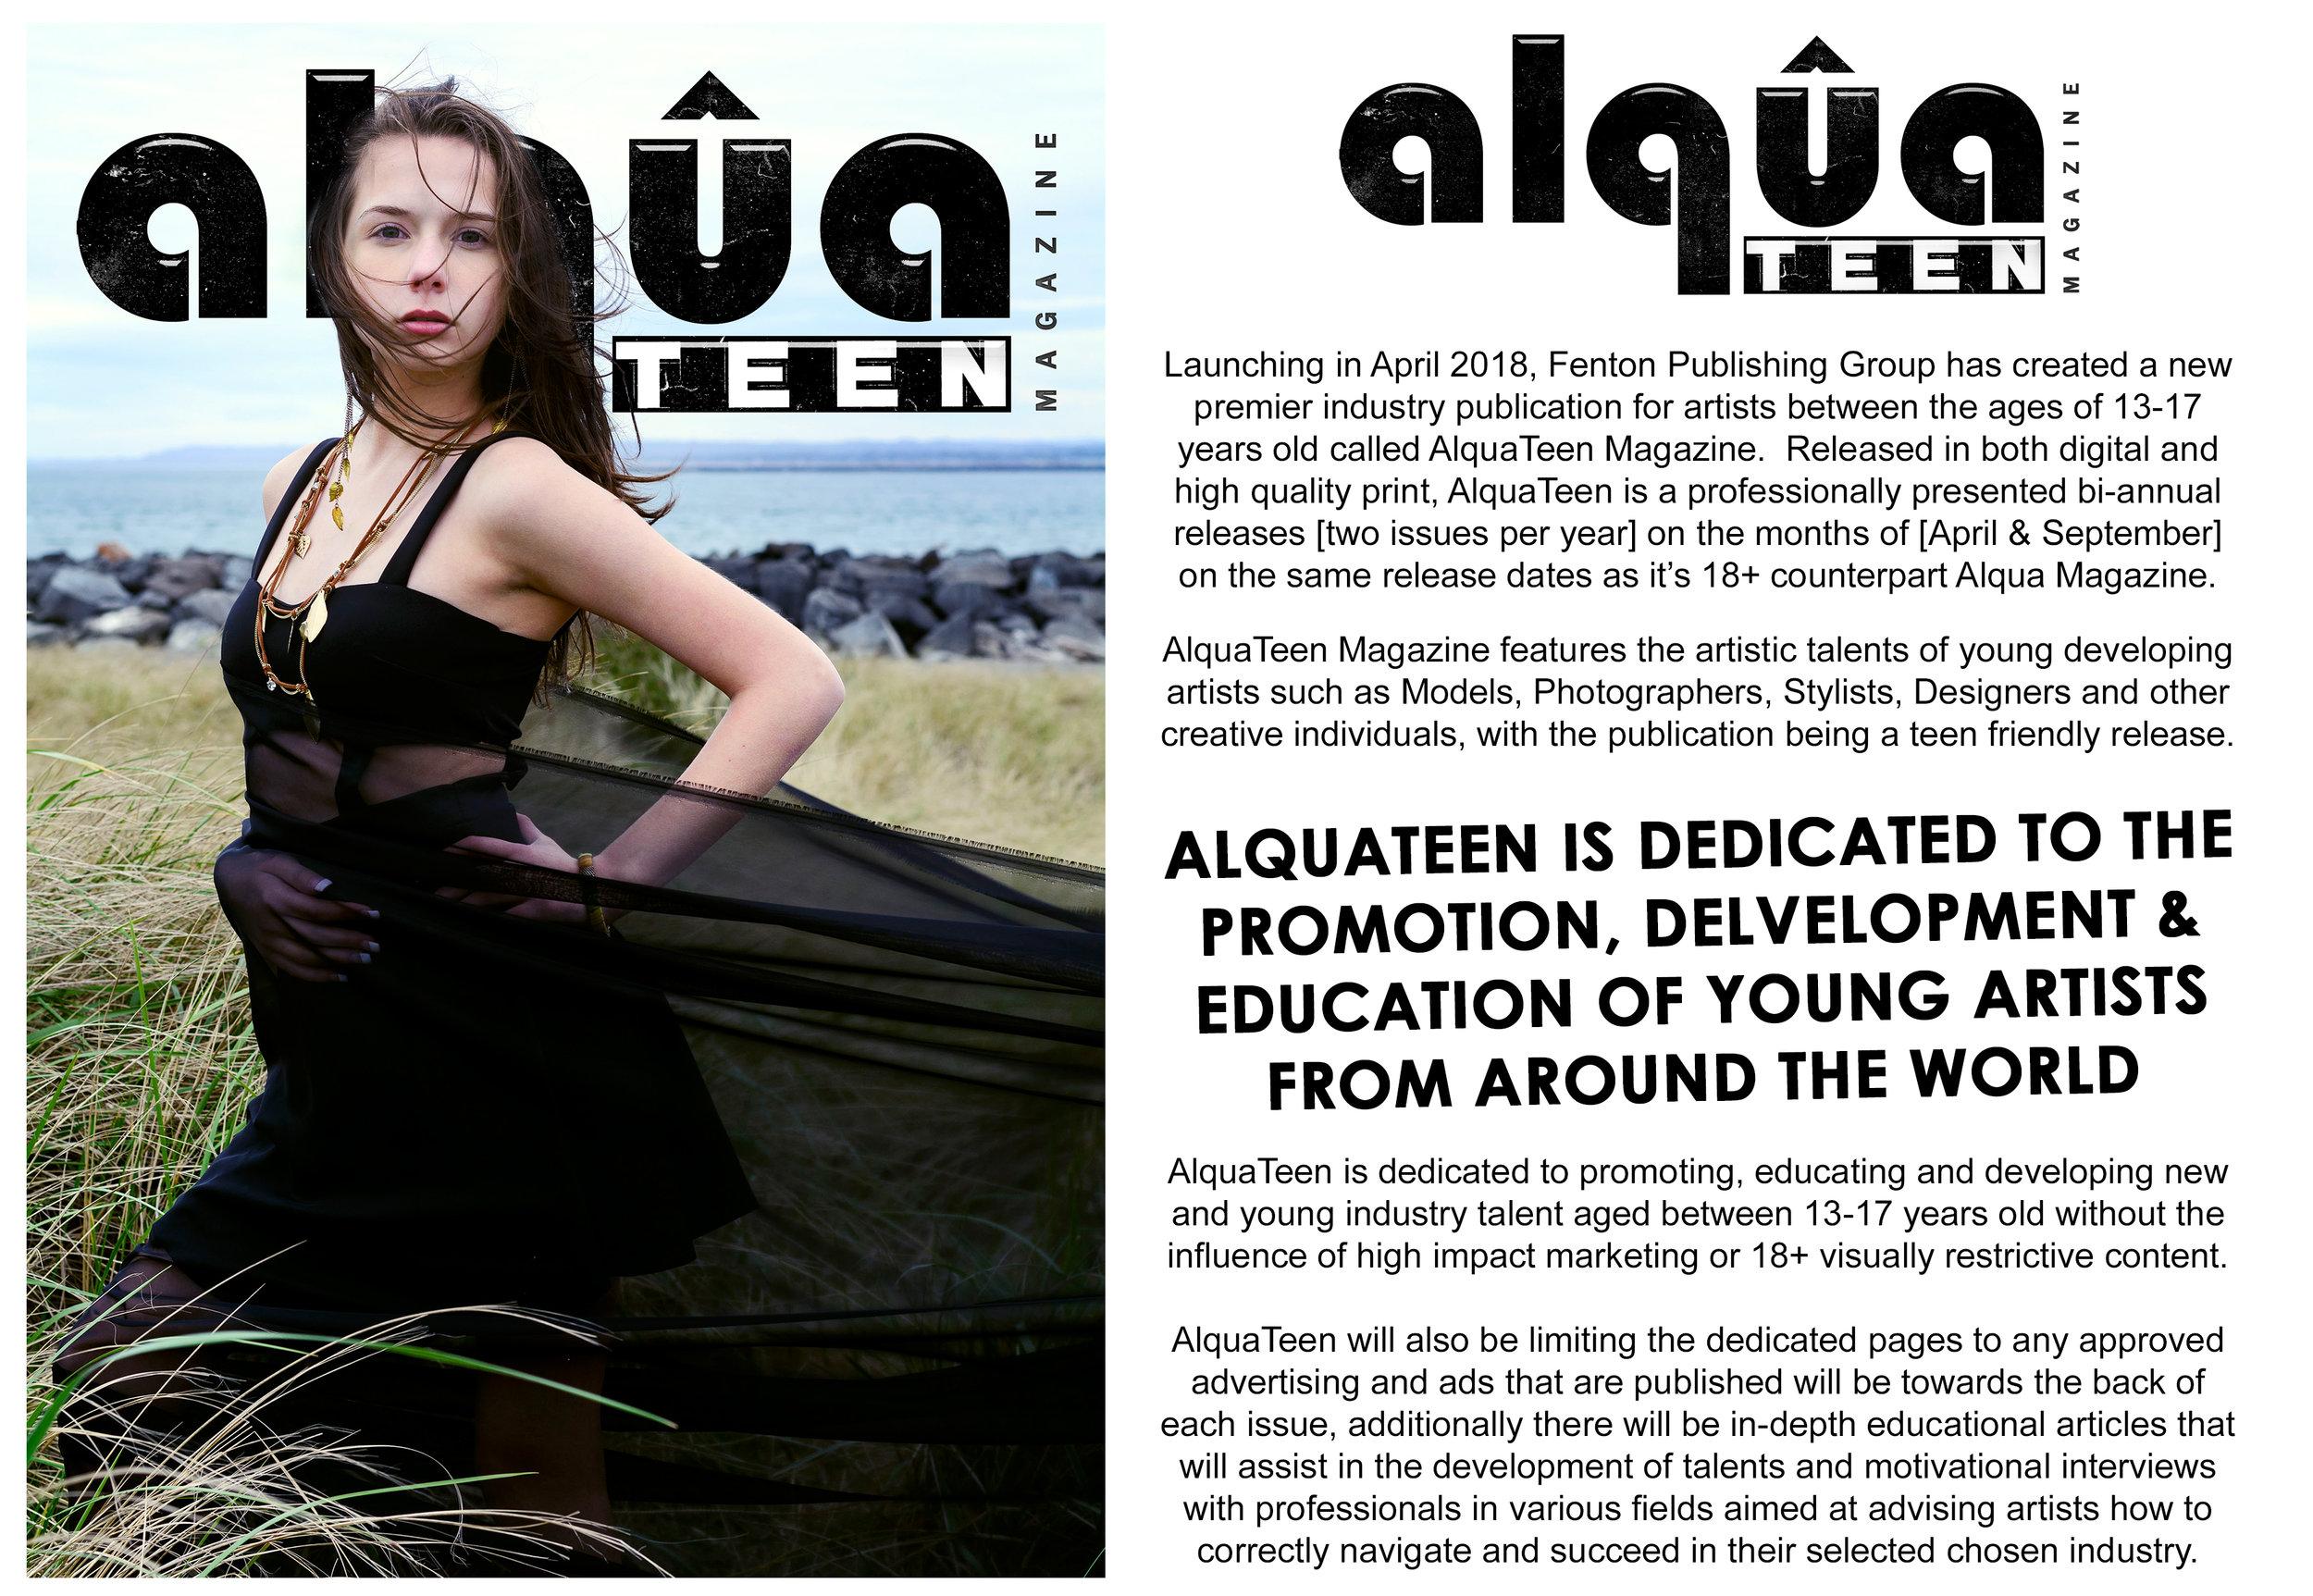 Alqua_teen web_final_01.jpg